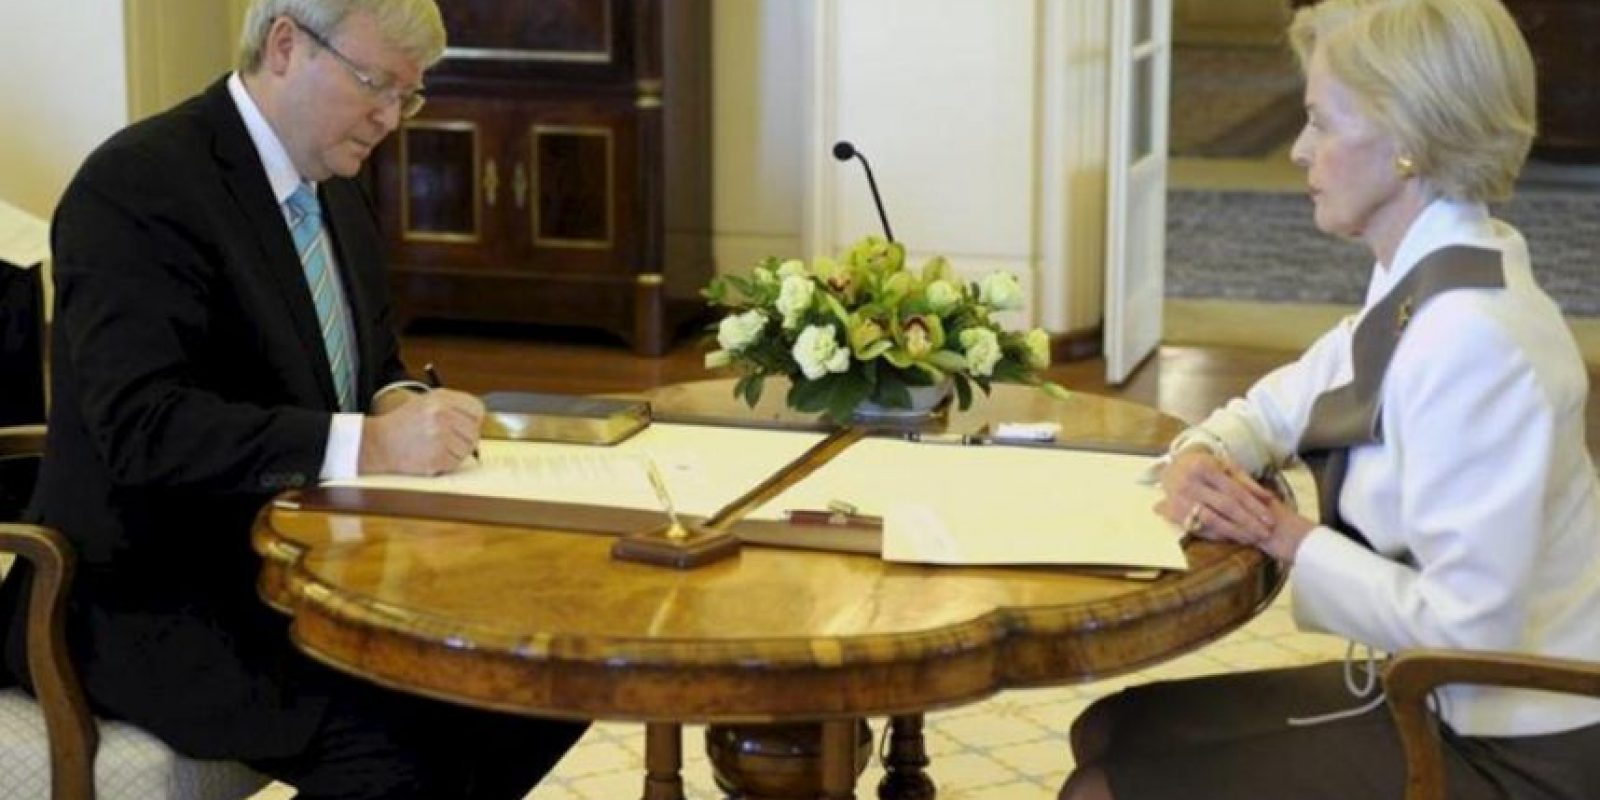 Kevin Rudd (i) firma su juramento como Primer Ministro hoy, 27 de junio de 2013, en el Palacio de Gobierno de Camberra (Australia). La gobernadora general de Australia Quentin Bryce (d) nombró a Rudd como jefe del partido laborista y jefe del gobierno australiano y a su sustituto Anthony Albanese esta mañana. EFE